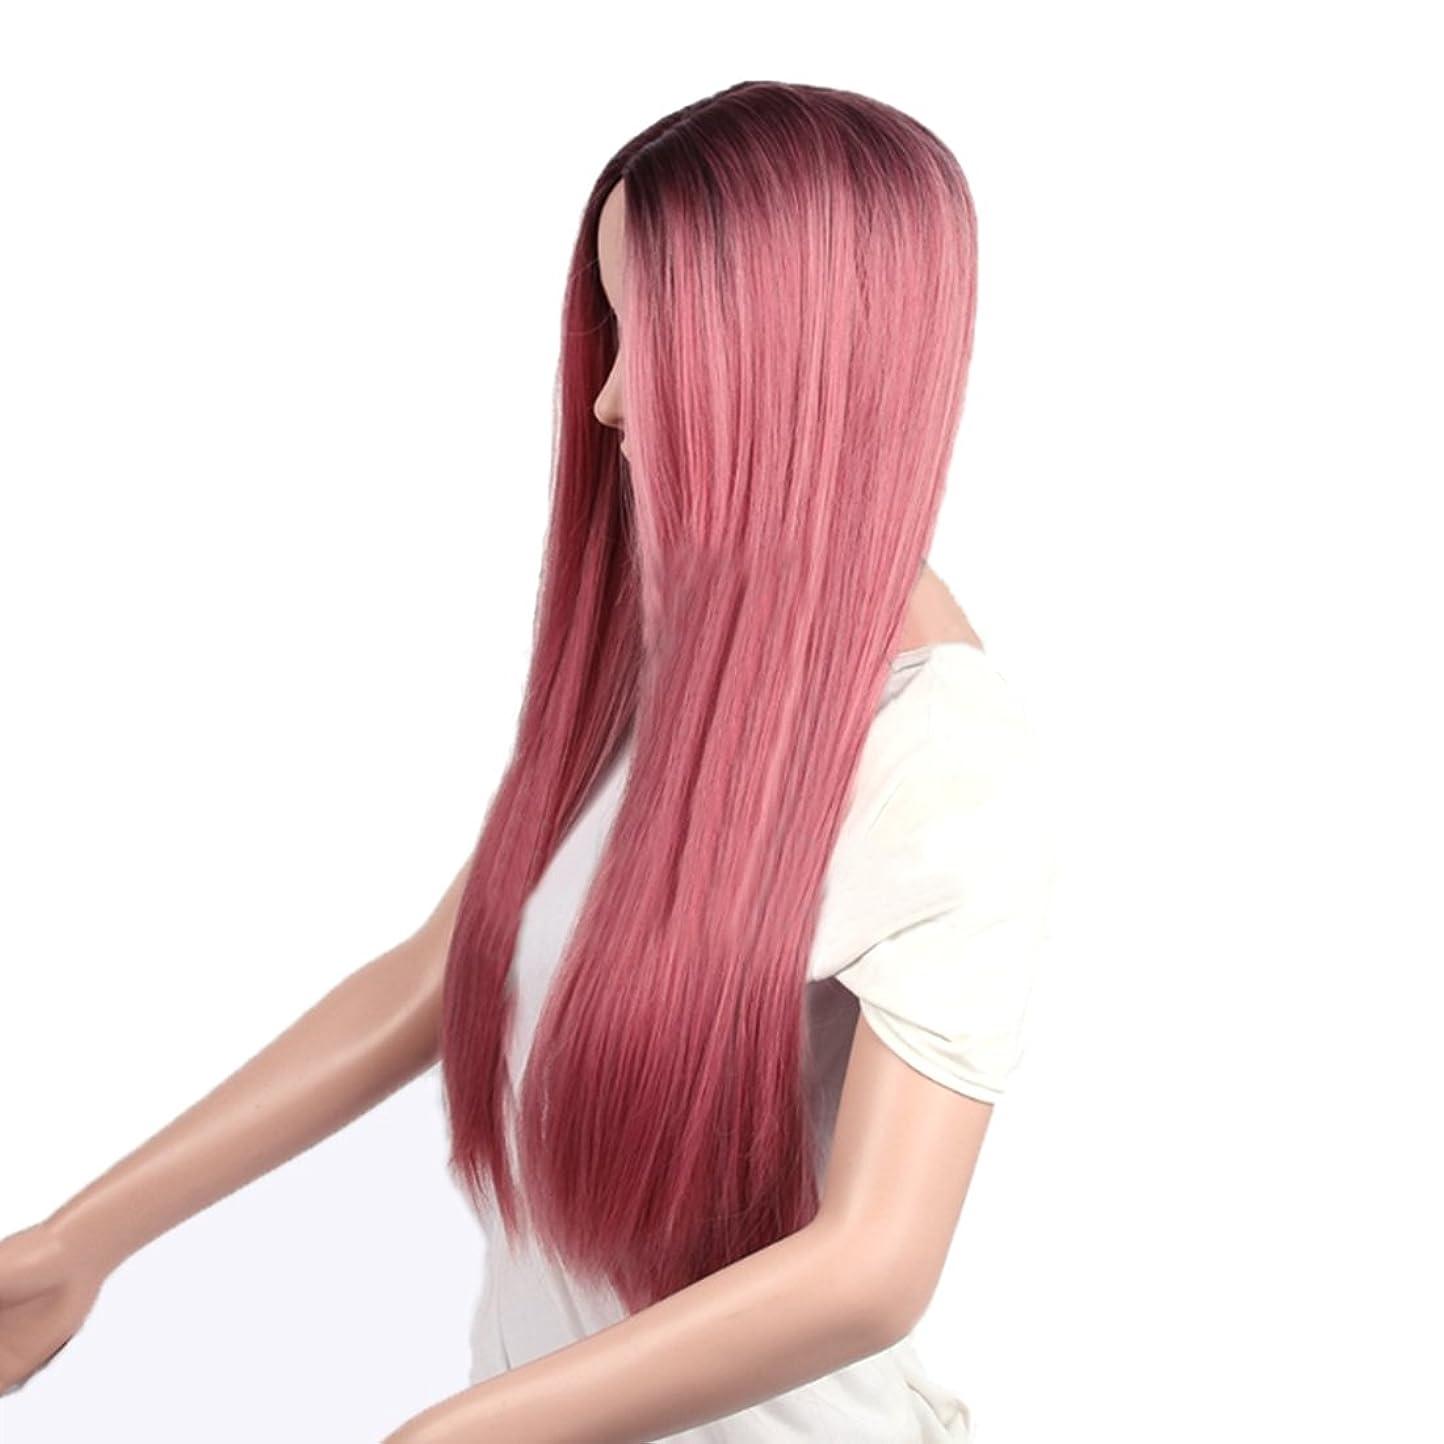 高くしつけわずかな女性のための26インチの化学繊維の毛のかつらロングストレートナチュラルグラデーションの色はコスプレ/パーティーのロングロールバンズウィッグとピンクのかつらをローズ (Design : Rose pink2)